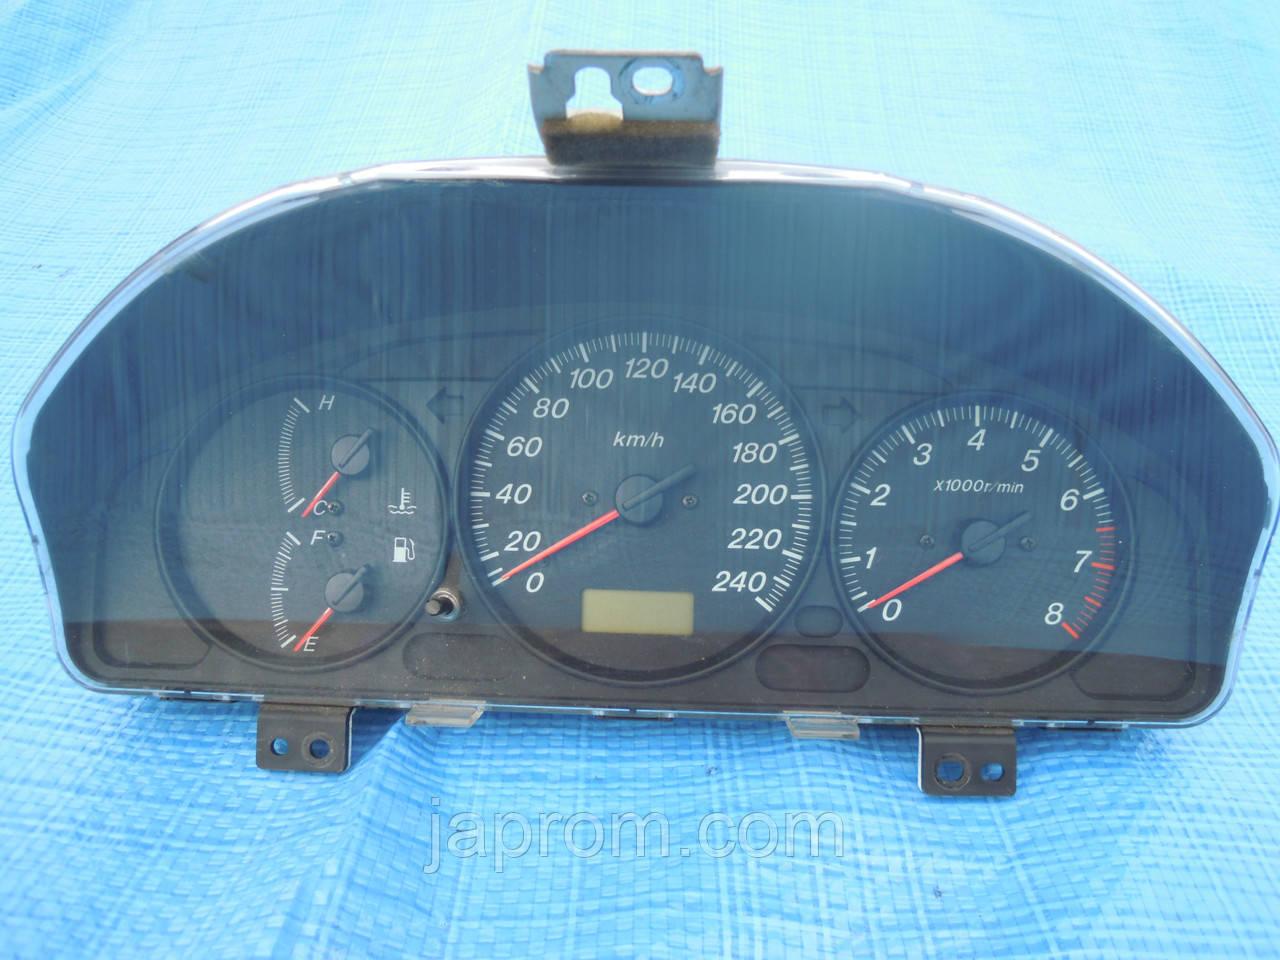 Панель щиток приборов Mazda 626 GF 2000-2002г.в. 2.0 инжектор рестайл KGGG2NC